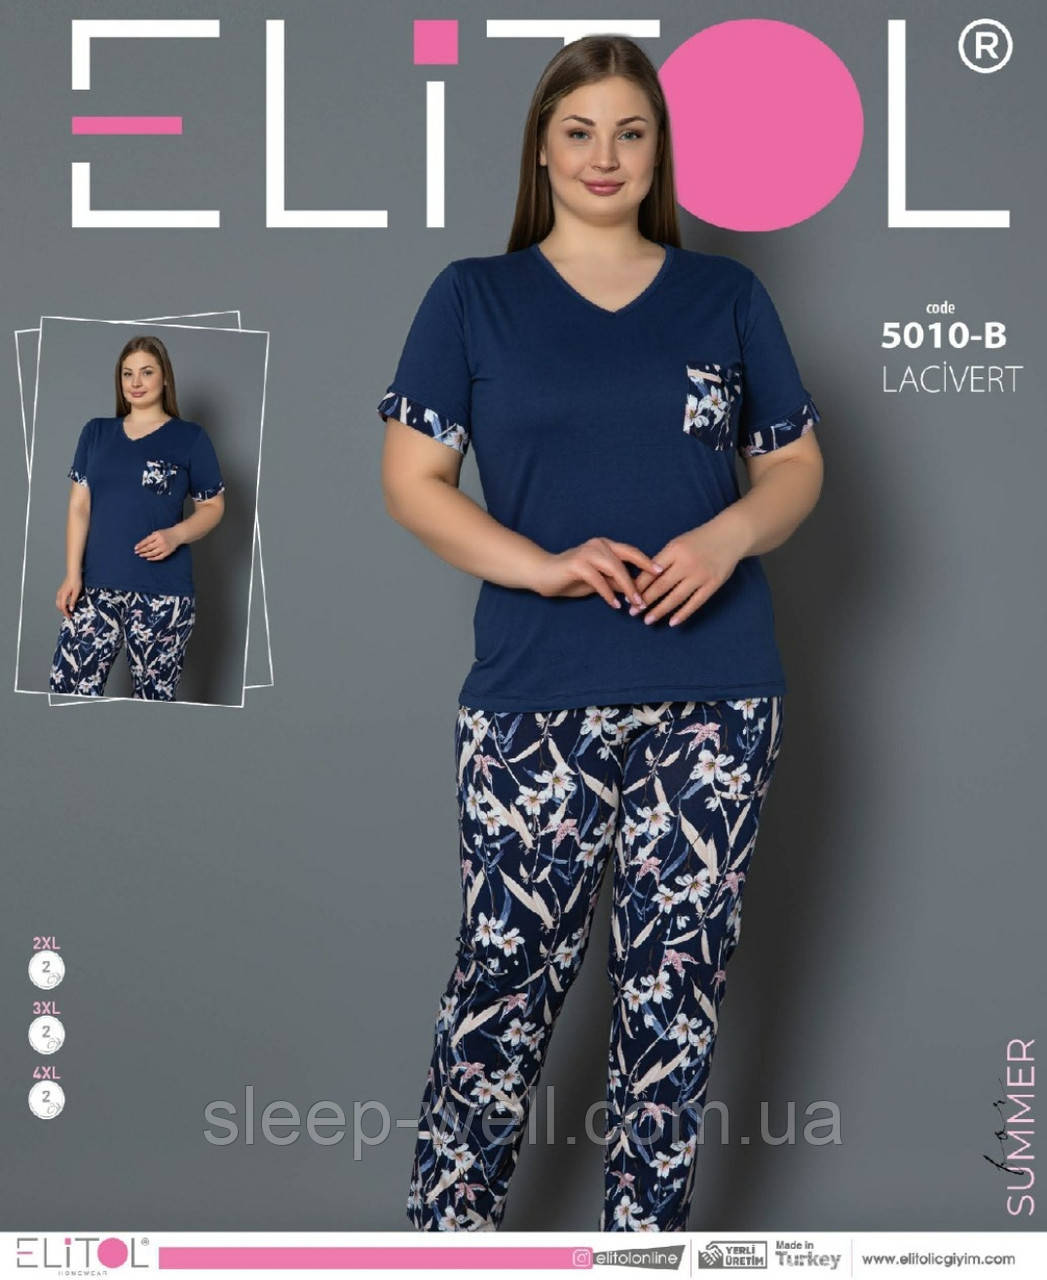 Піжама жіноча великих розмірів,ELITOL